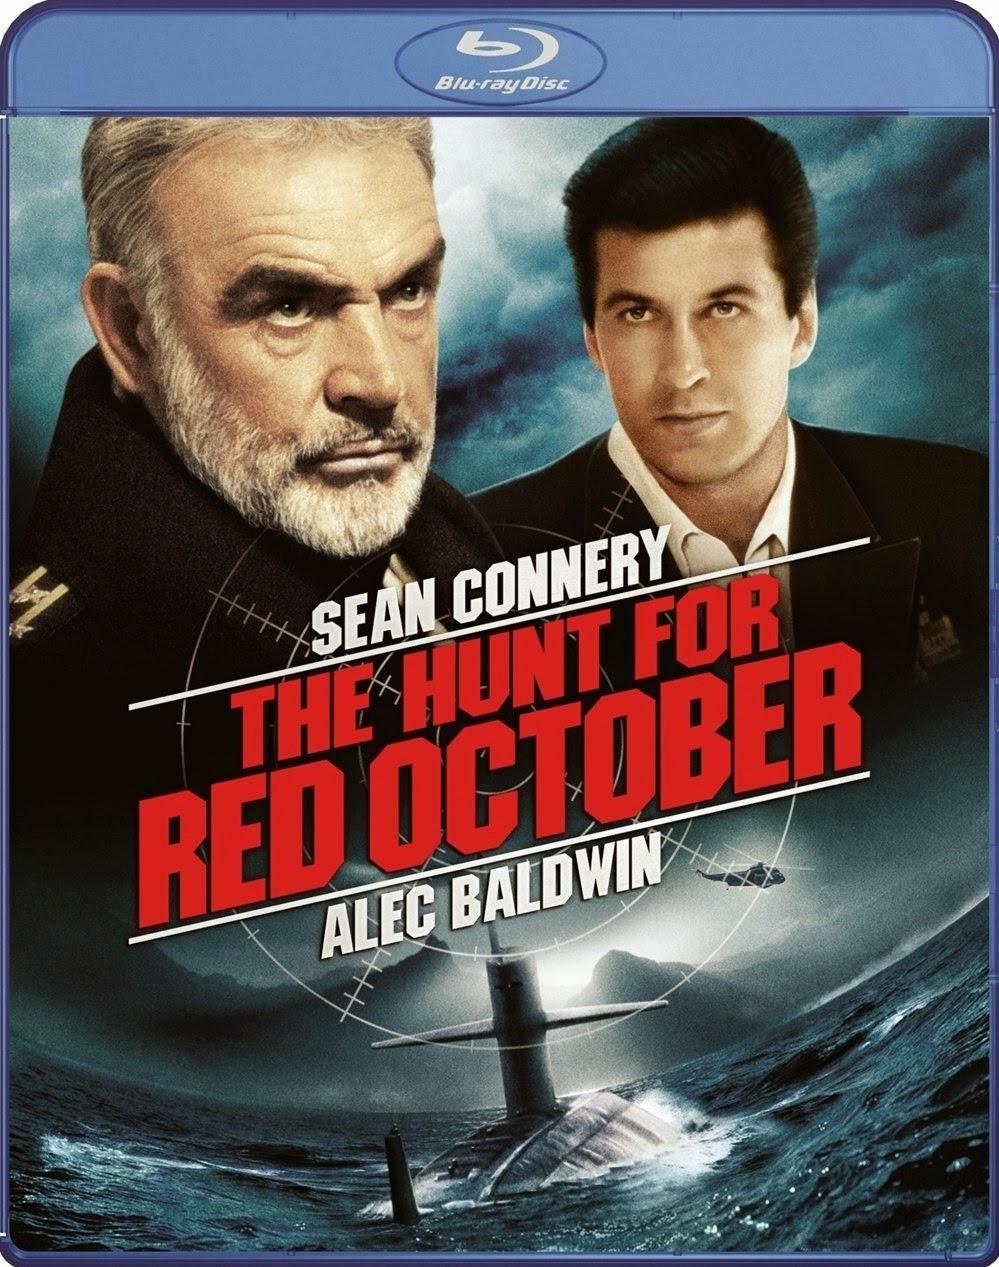 The Hunt For Red October 1990 ล่าตุลาแดง